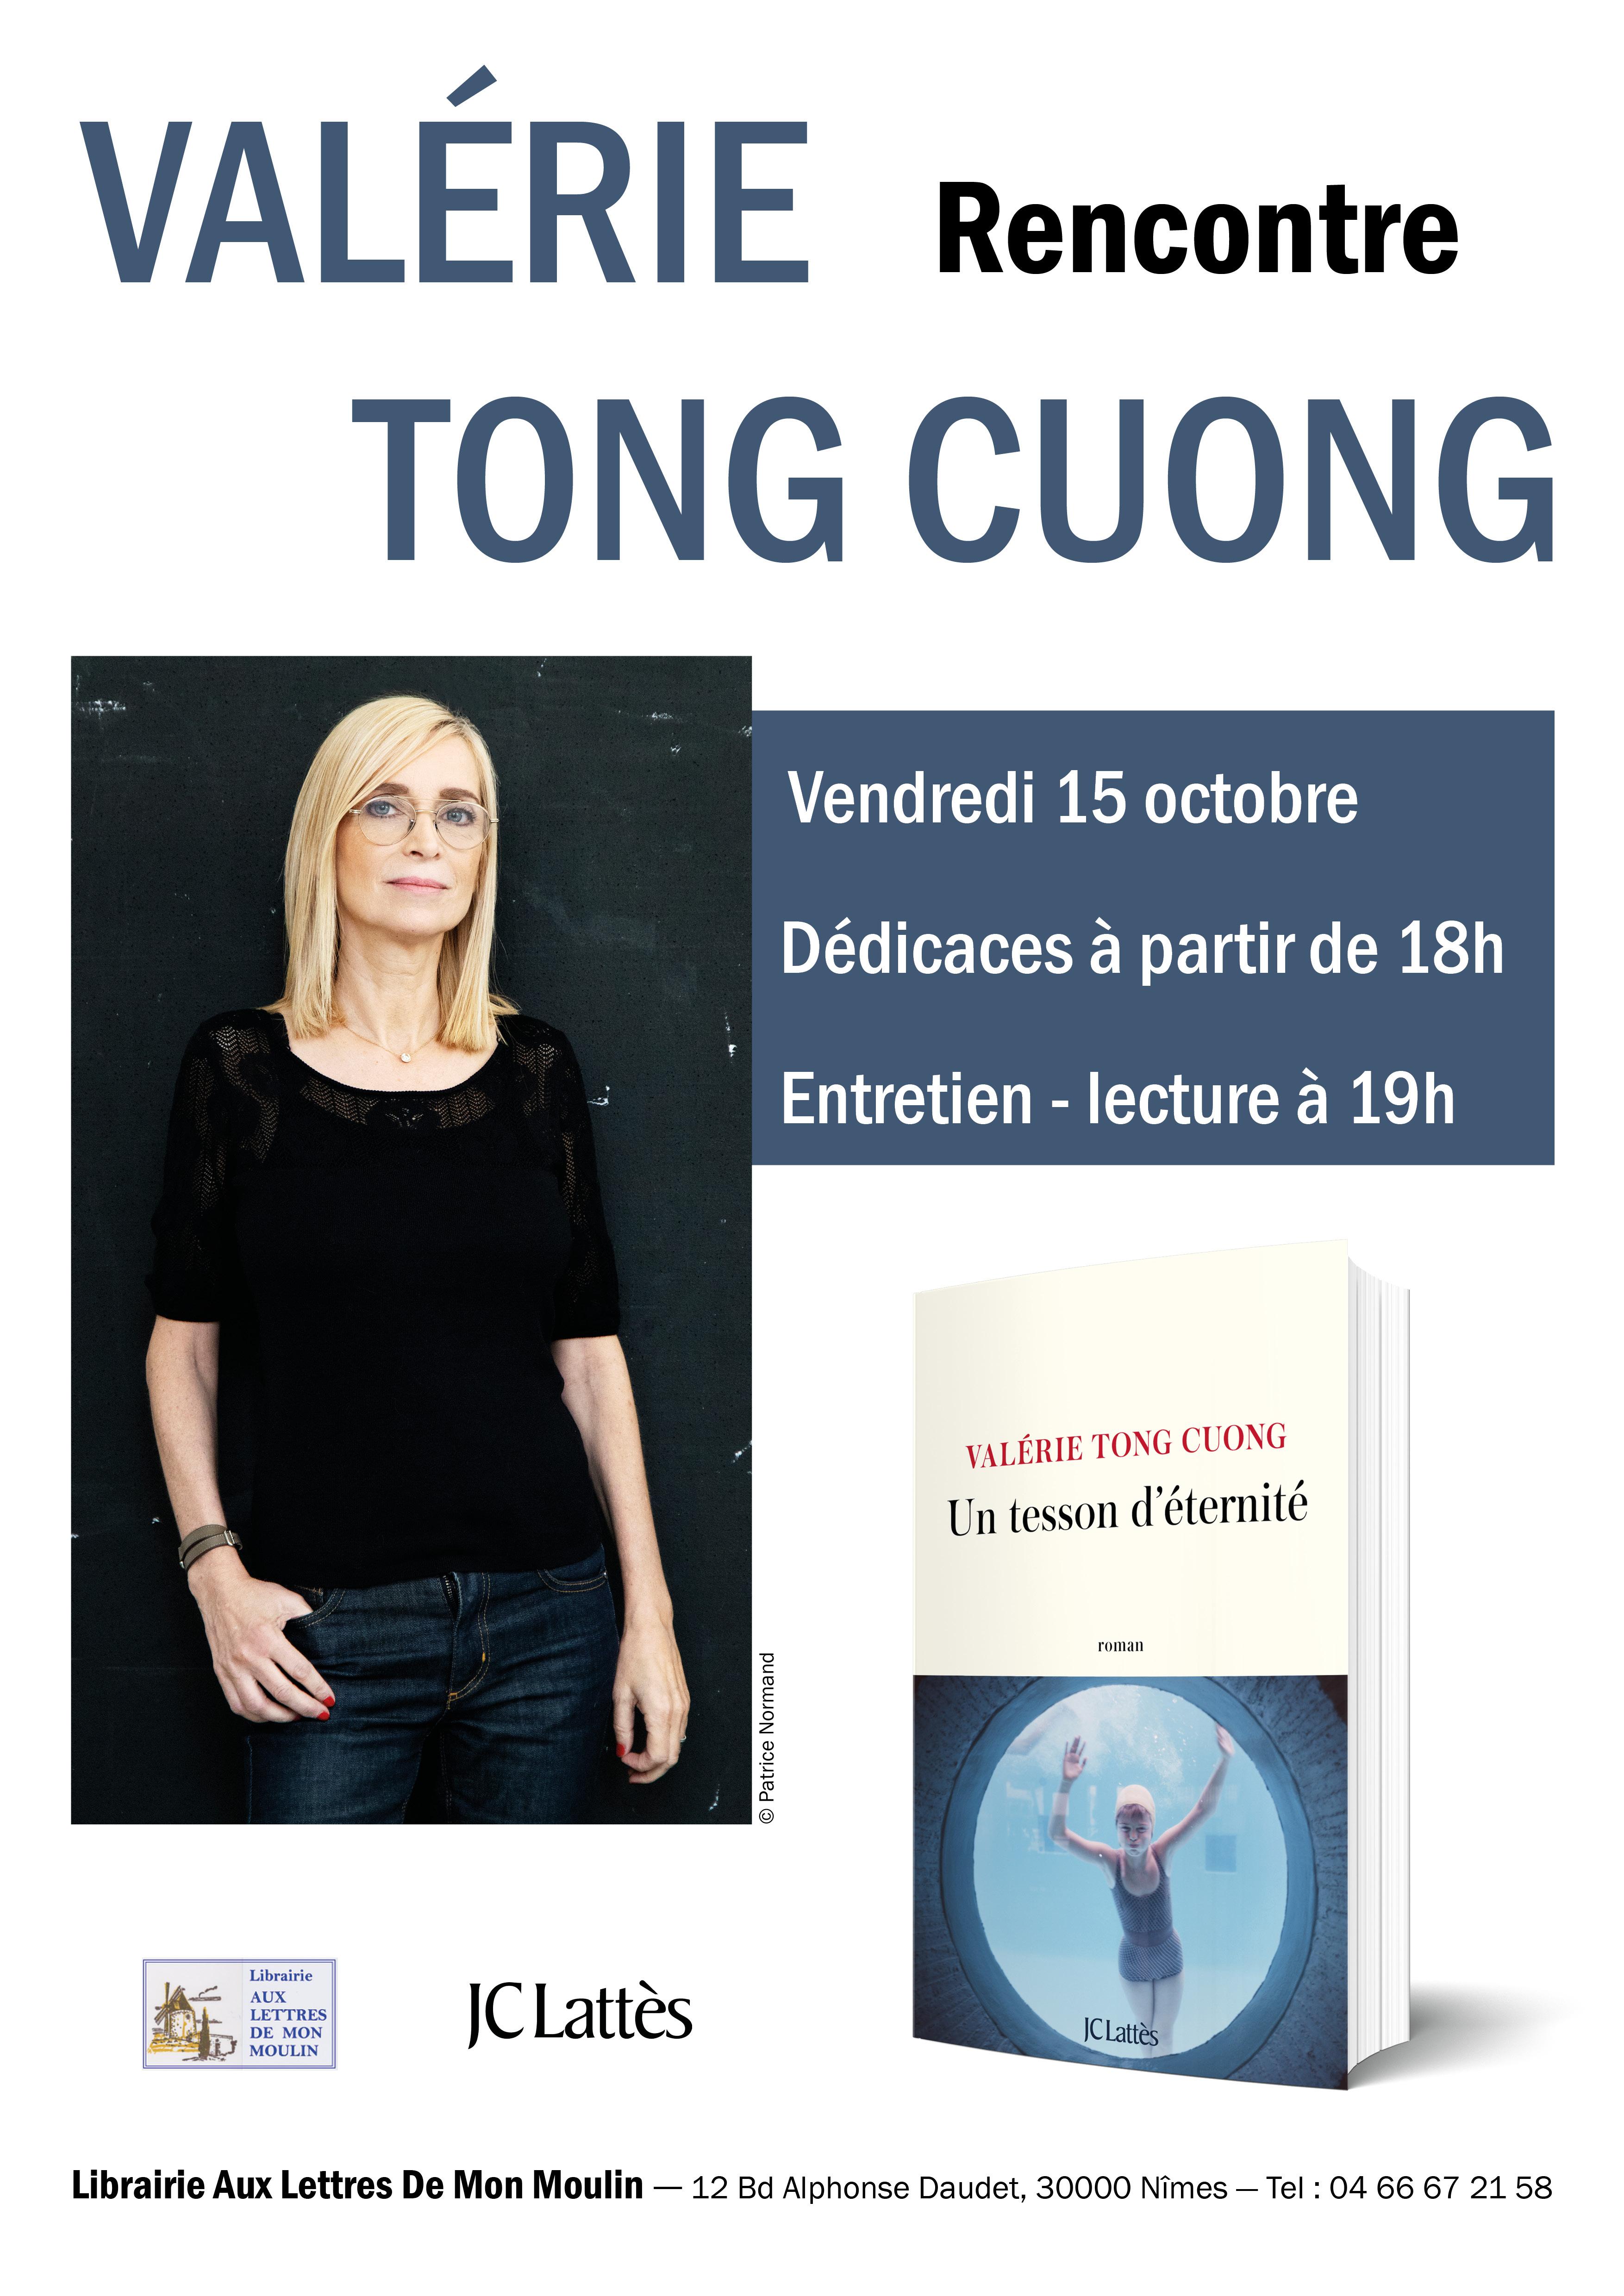 15 octobre Soirée avec Valérie Tong Cuong